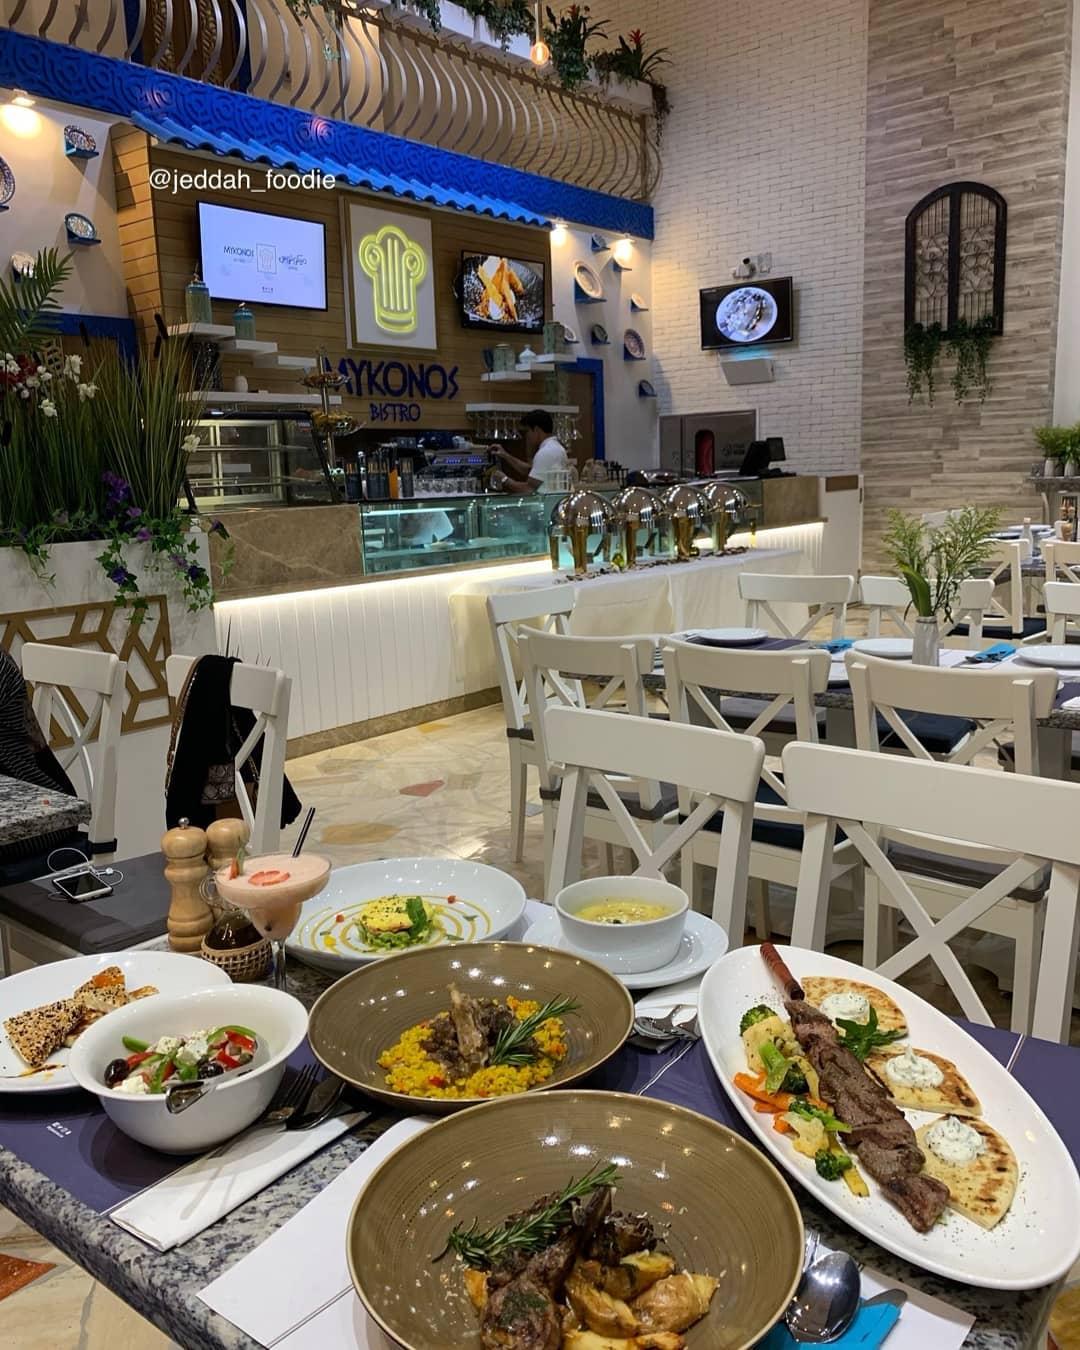 مطعم ميكونوس في جدة